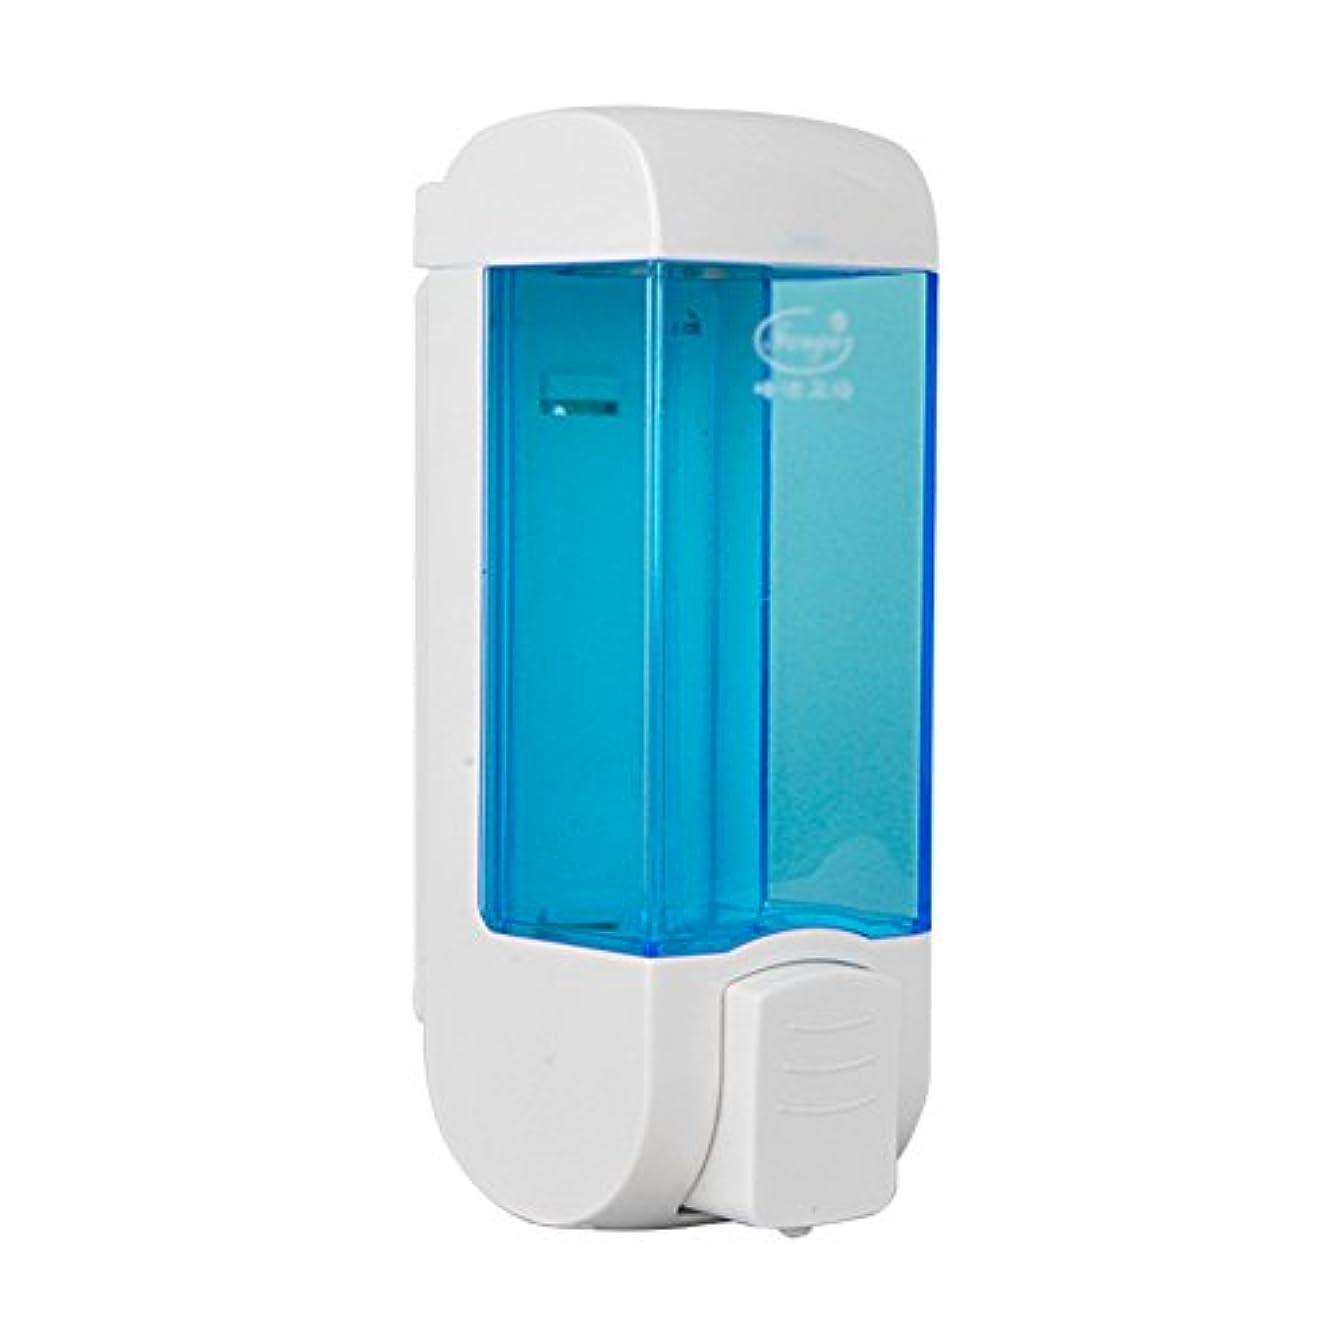 君主寛大さ住所ZEMIN ソープディスペンサー 壁掛け式 石鹸ディスペンサー 帰納的 マニュアル ポンプ 2頭 シャンプー 液体 石鹸 クリーン、 プラスチック、 青、 300ML (色 : 1)